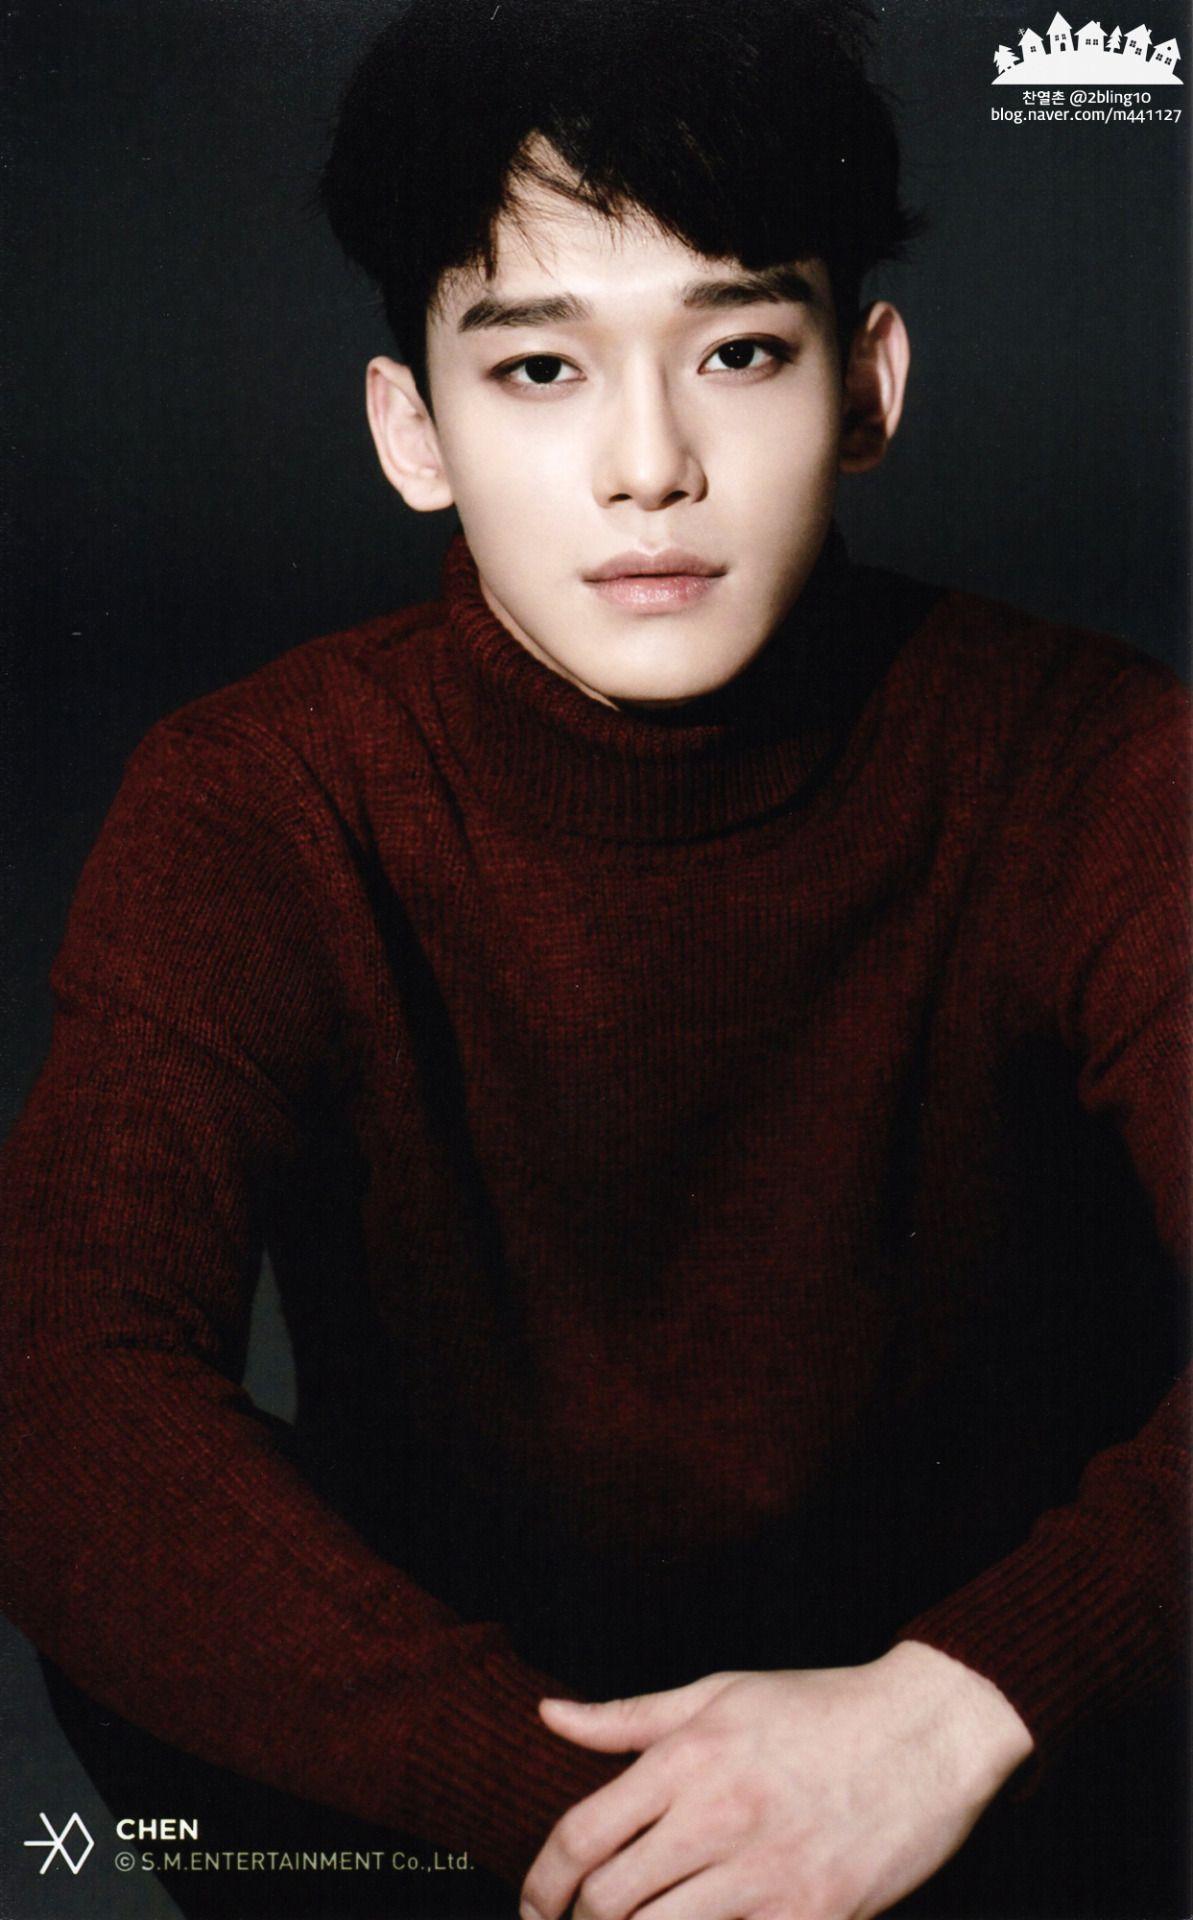 Dailyexo Exo Chen Exo Sing For You